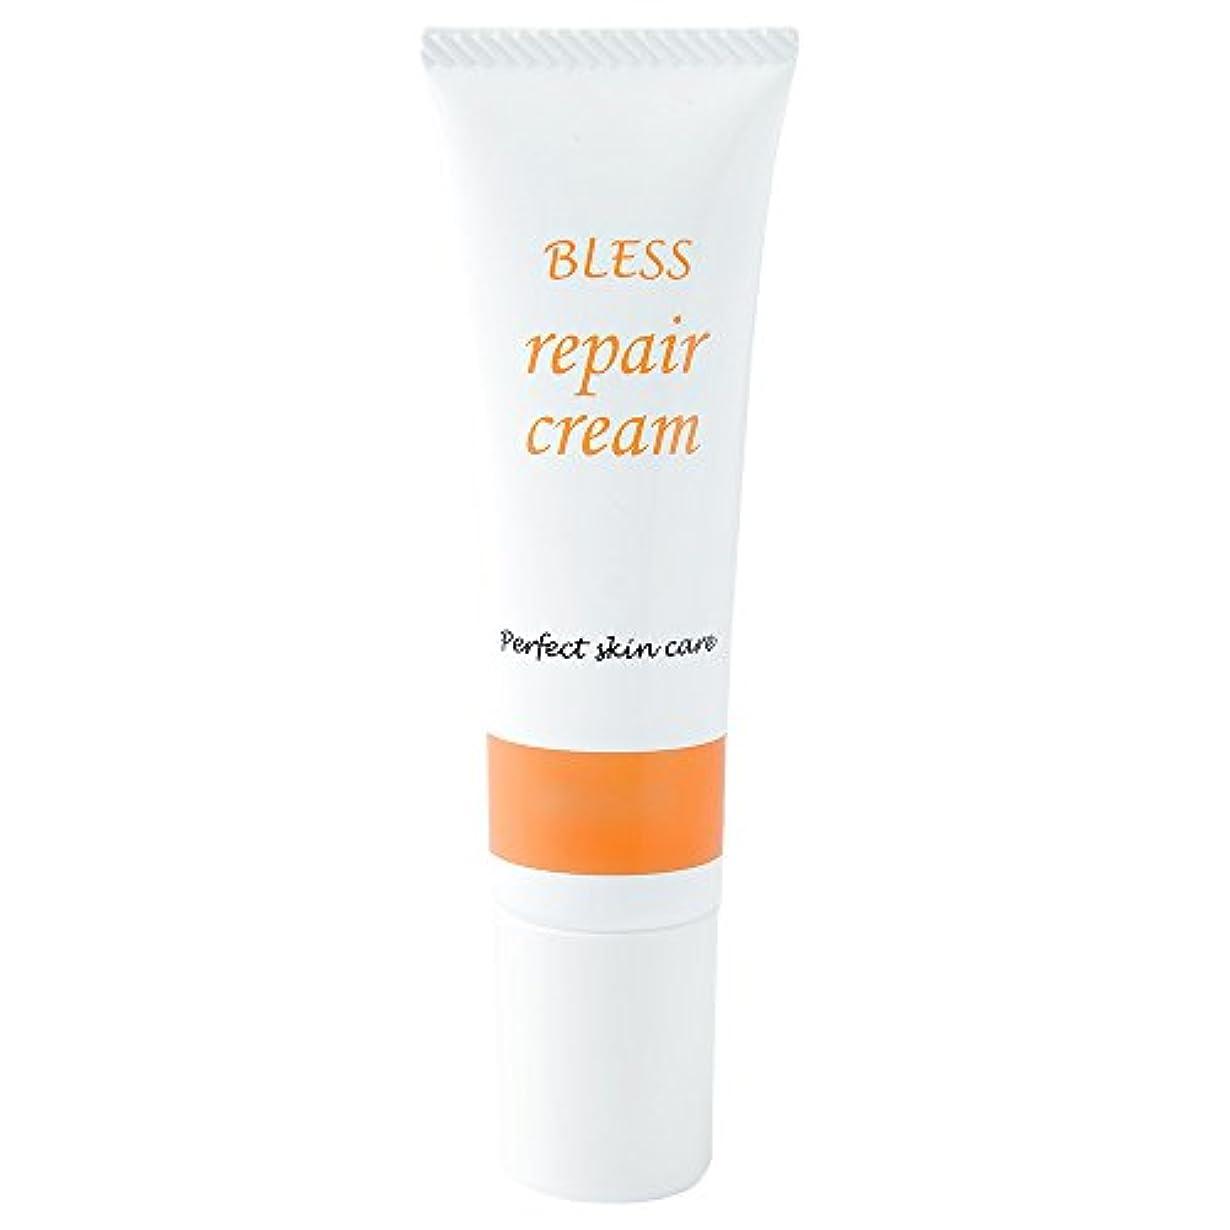 楽しい志す硬い【BLESS】 しわ 対策用 エイジング リペアクリーム 30g 無添加 抗シワ評価試験済み製品 日本製 美容液